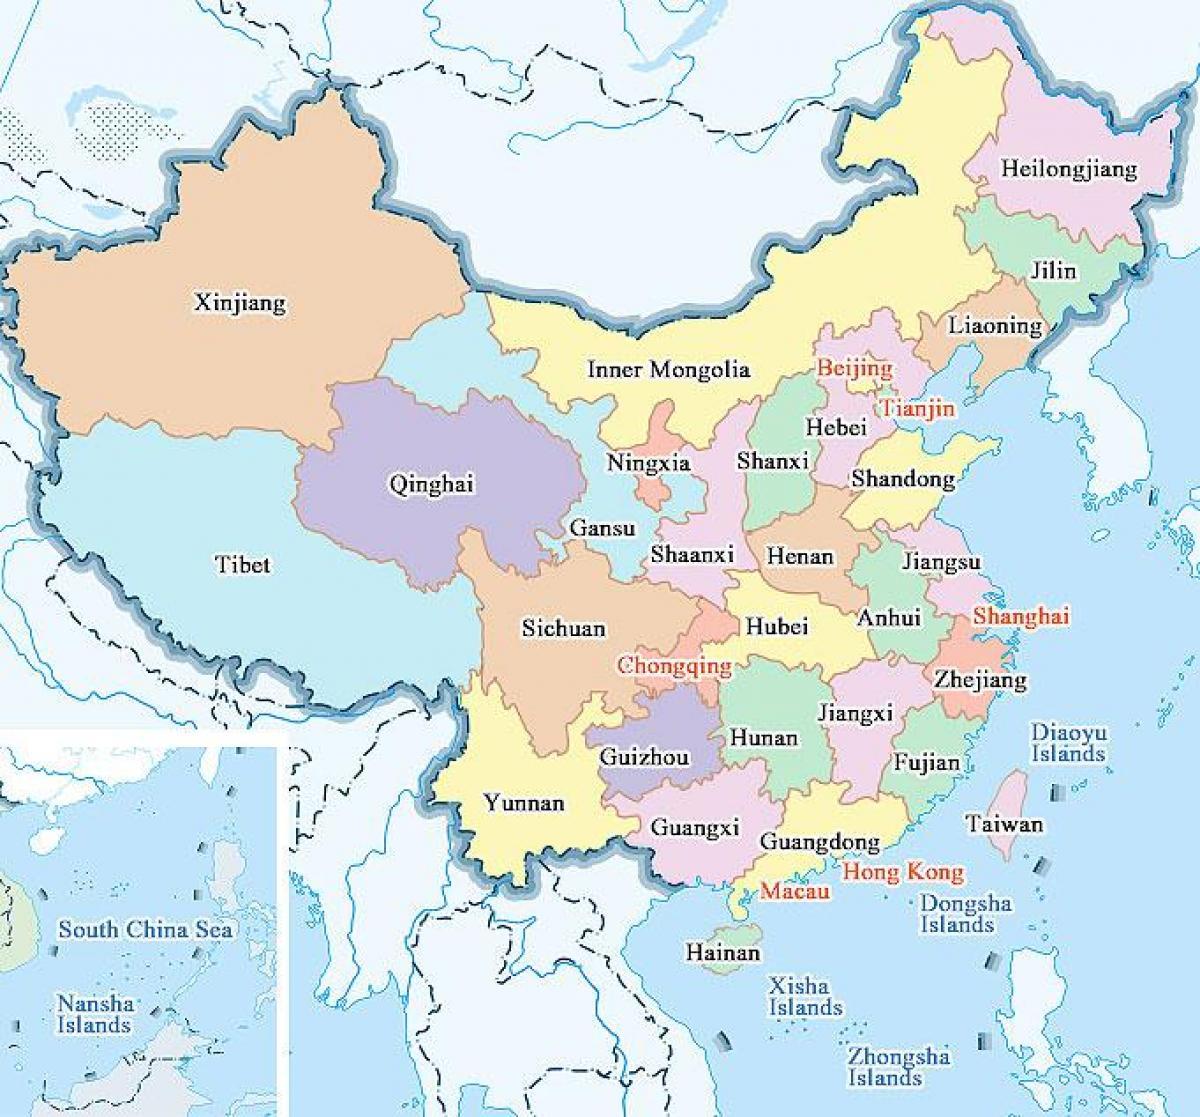 Carte Chine Villes Provinces.Carte De La Chine De Provinces Et De Villes La Carte De La